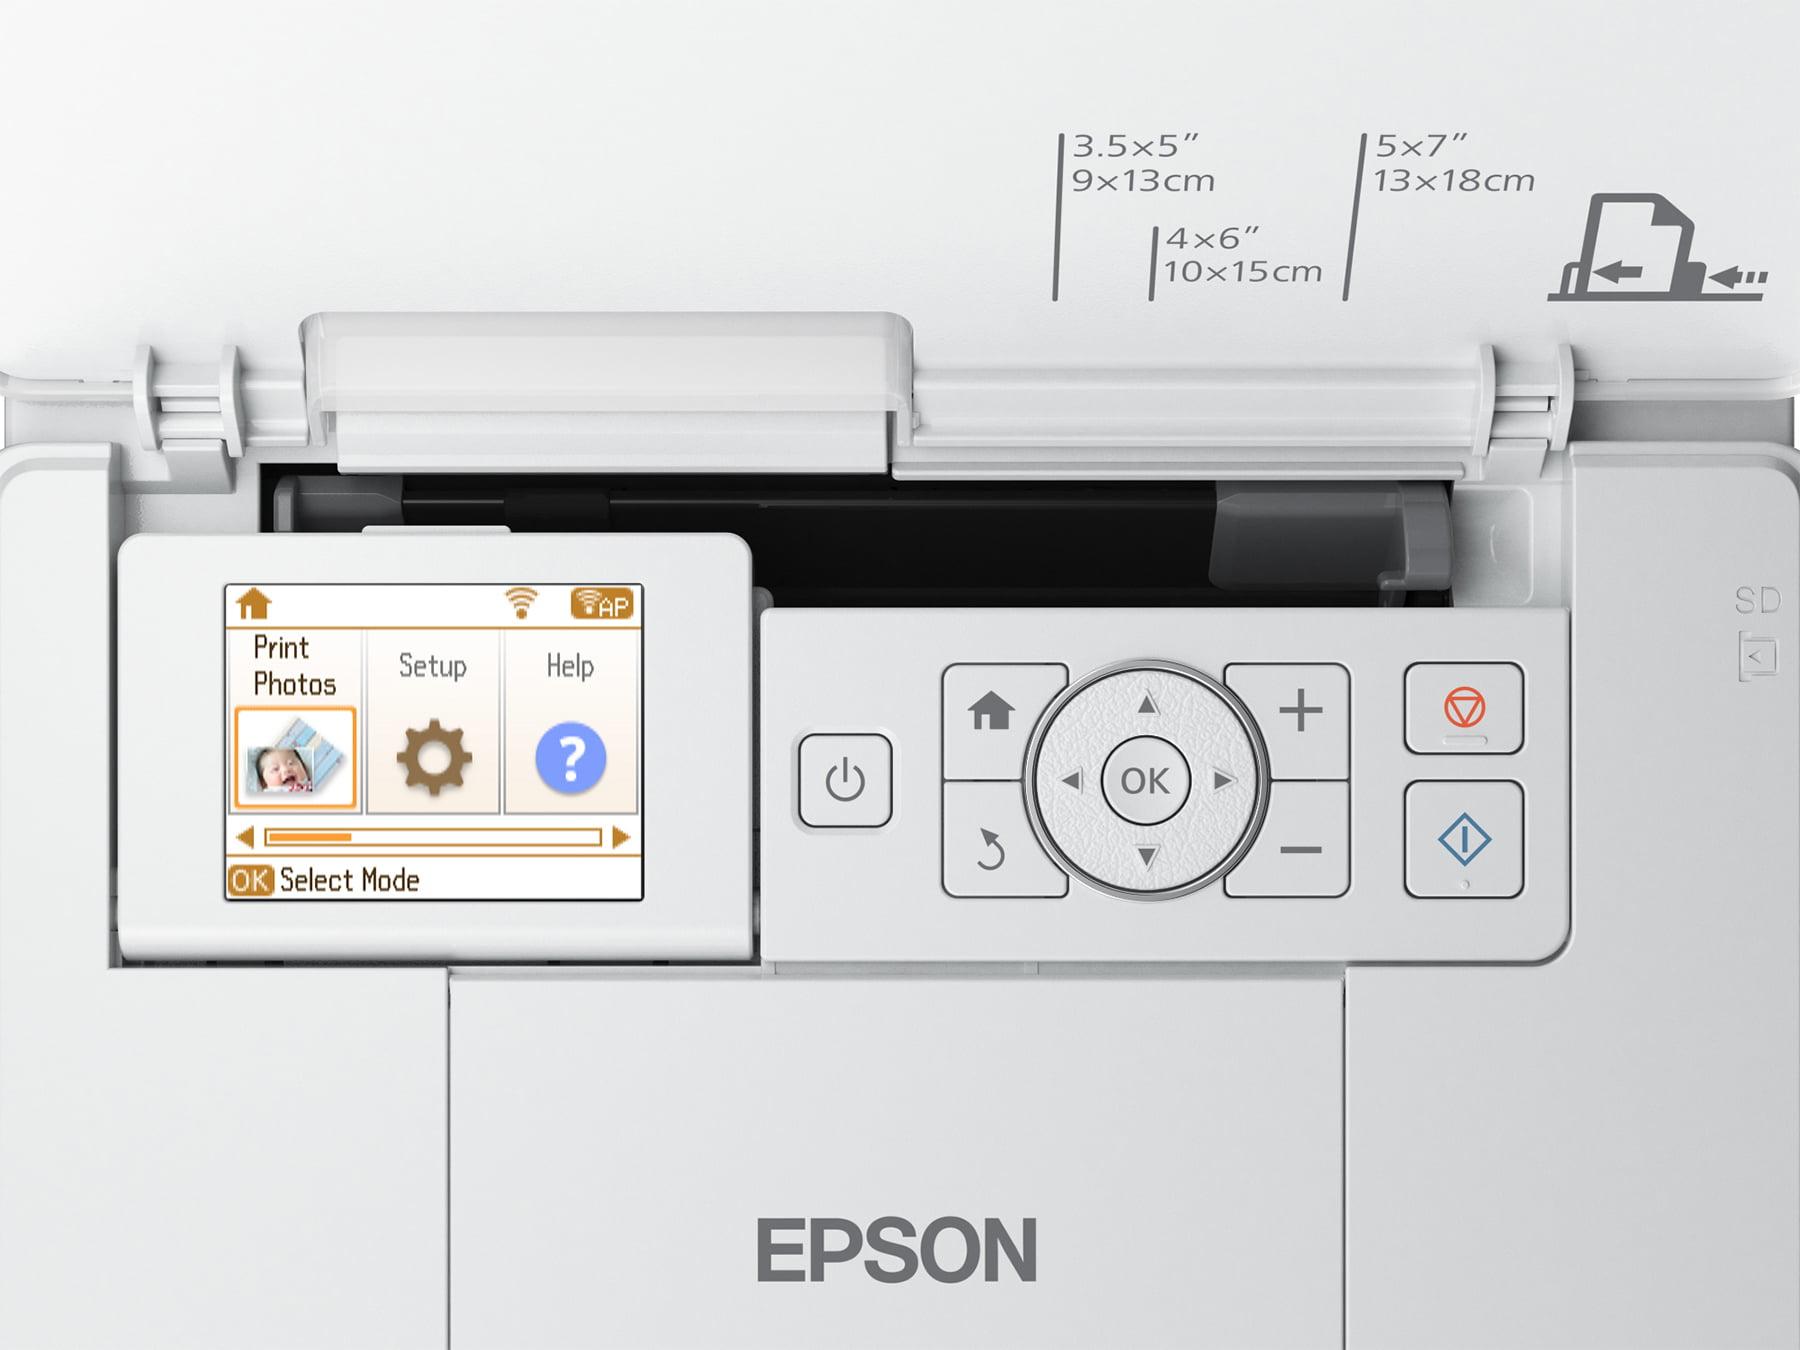 Epson Picturemate Pm 400 Compact Photo Printer Walmartcom